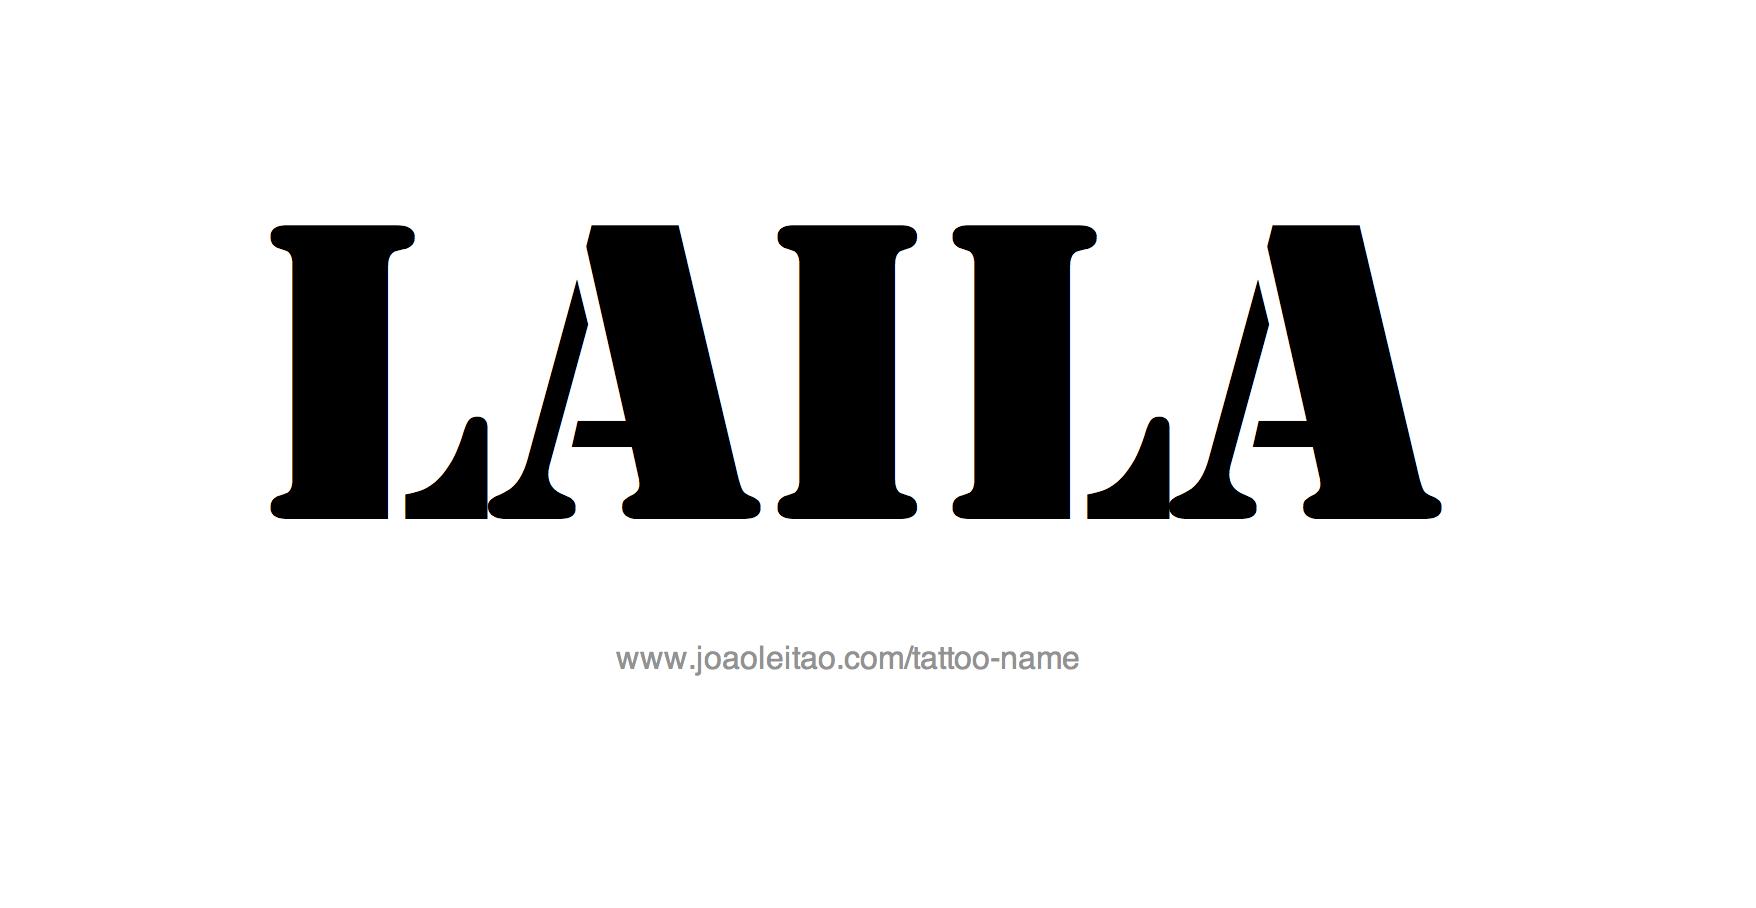 Name: Laila Name Tattoo Designs